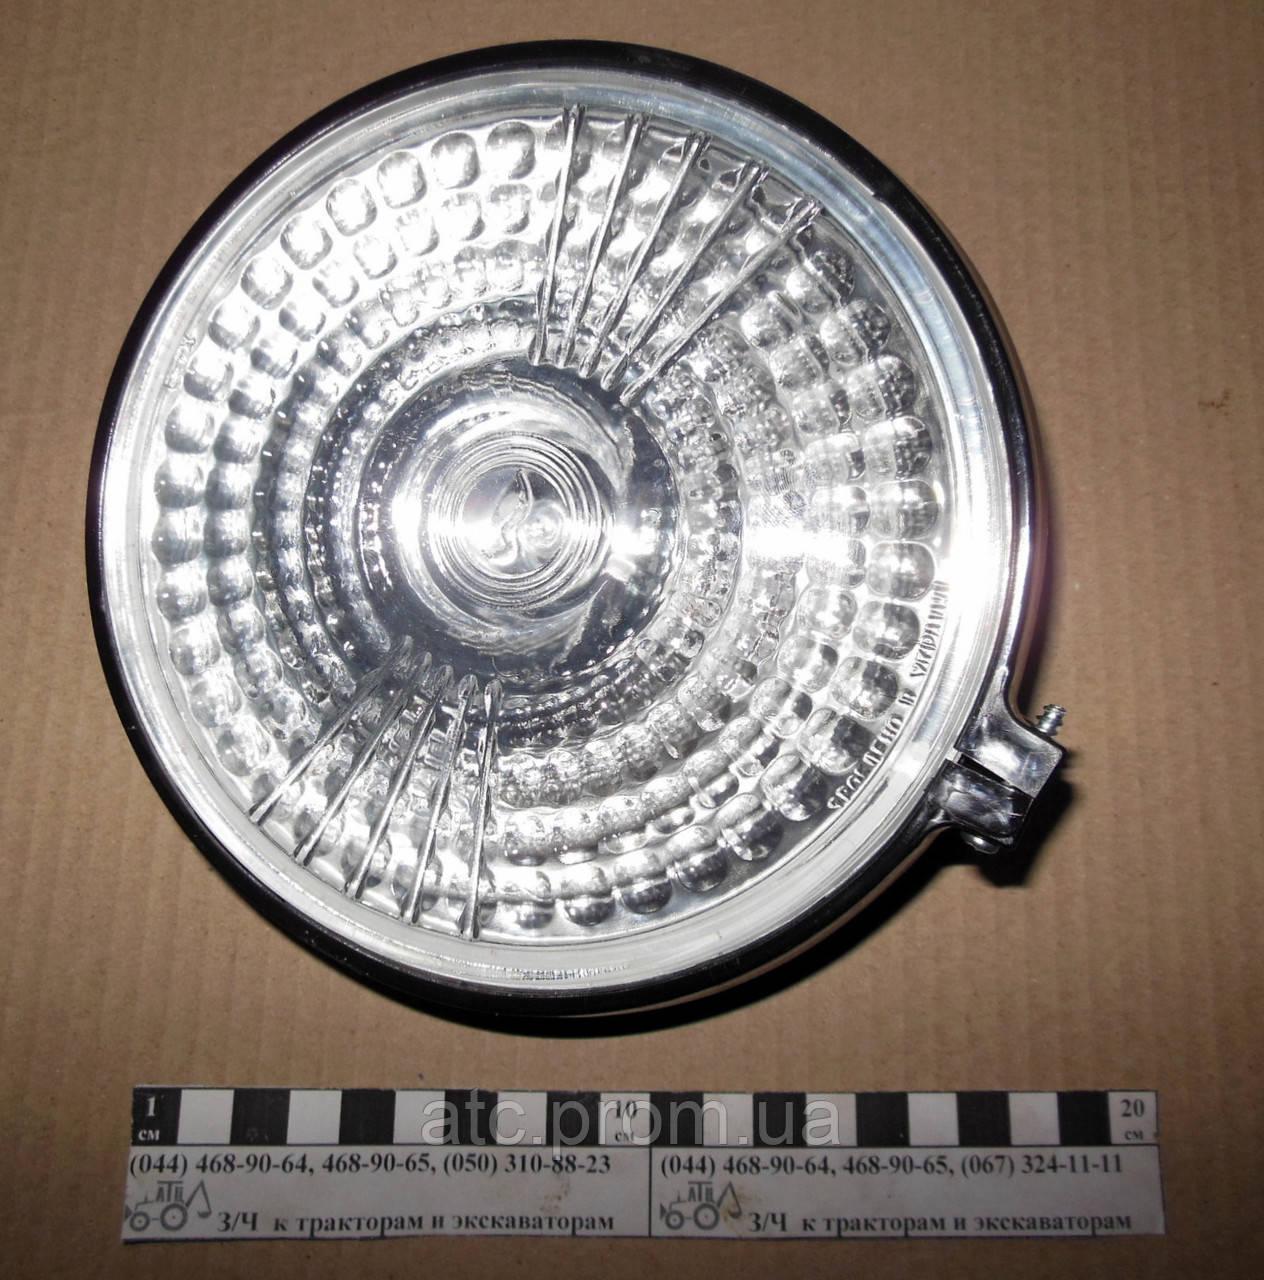 Купить ФГ305-3711 Фару МТЗ,ЮМЗ,ДТ переднюю (металл) ФГ305М.